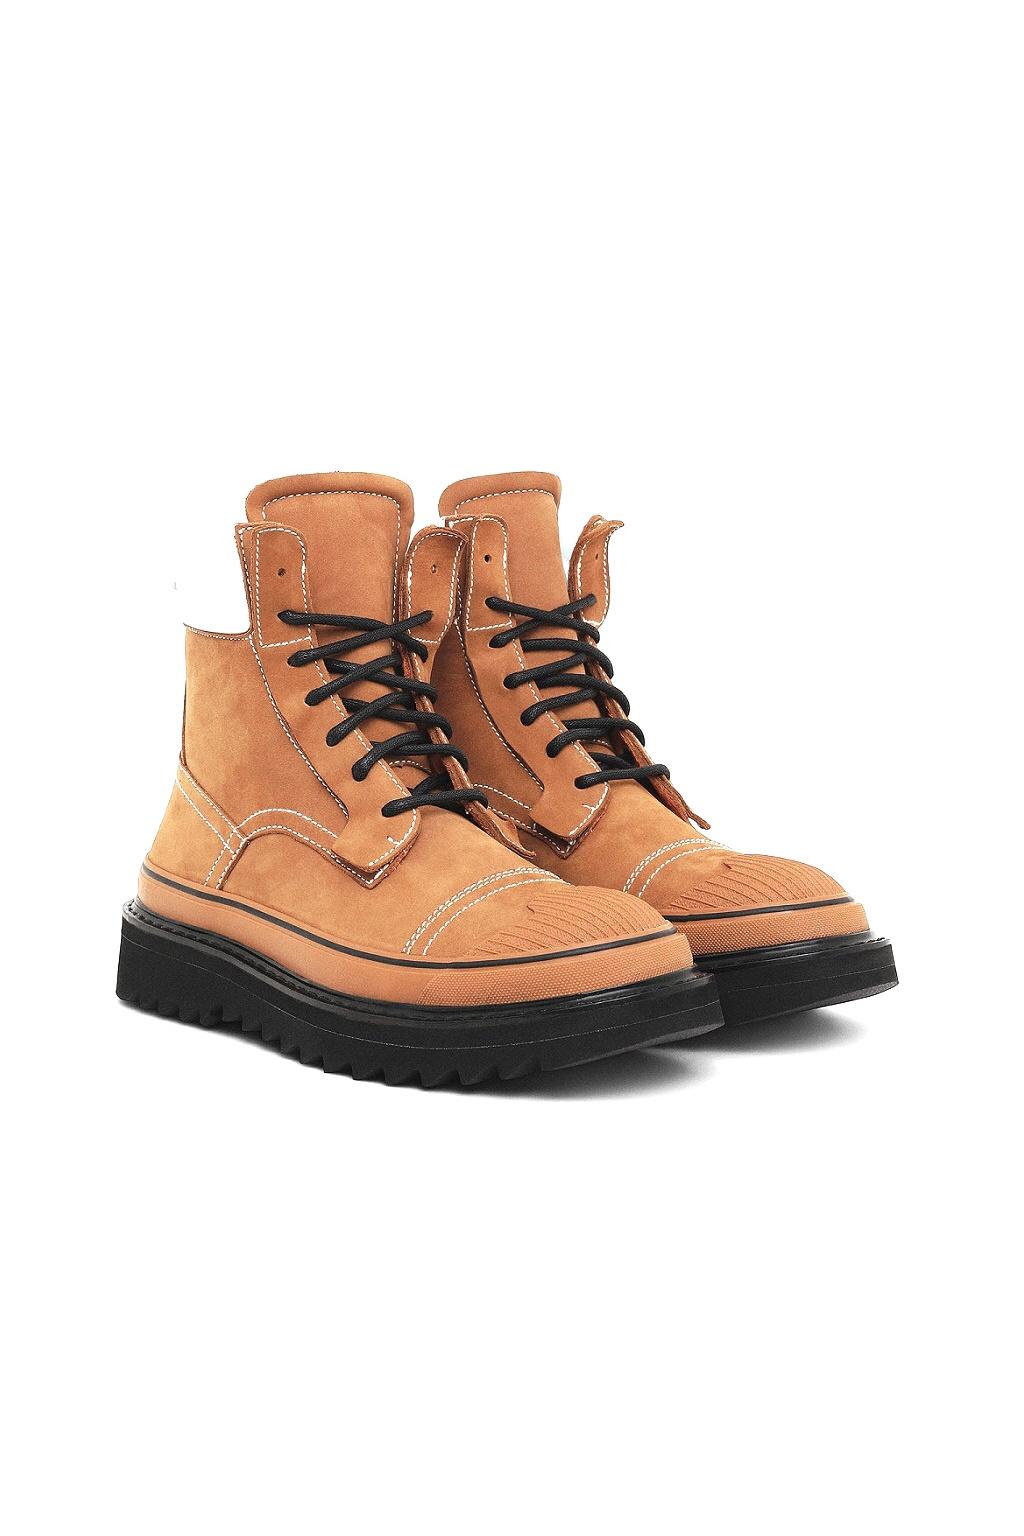 Y02473 P3541 T2116 Pánská obuv Diesel H-shiroky Dbbt hnědé